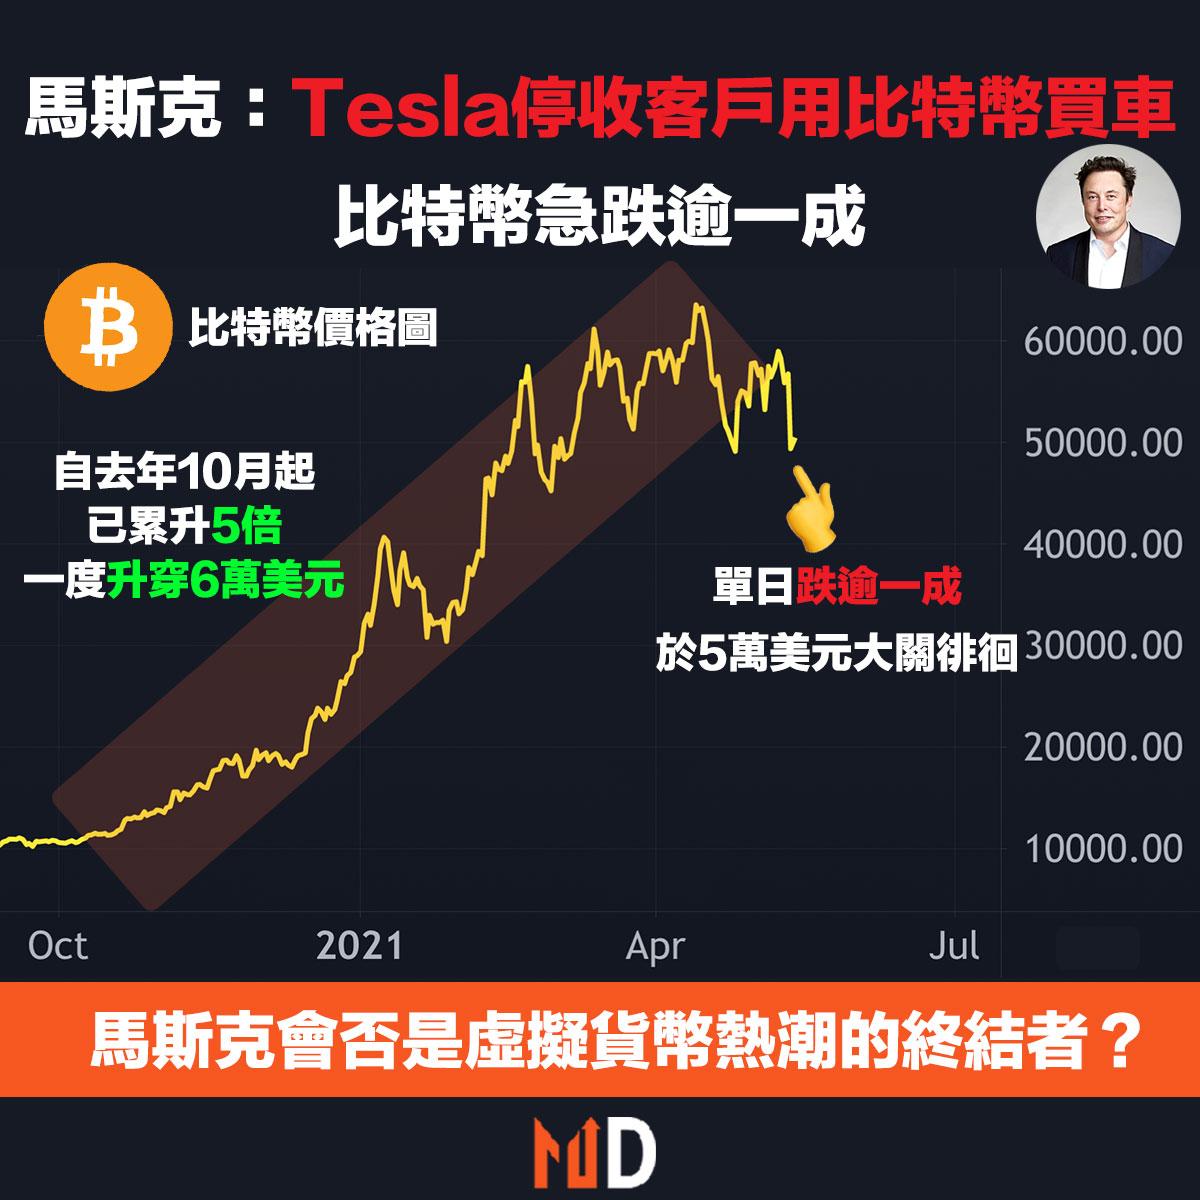 馬斯克:Tesla停收客戶用比特幣買車;比特幣急跌逾一成